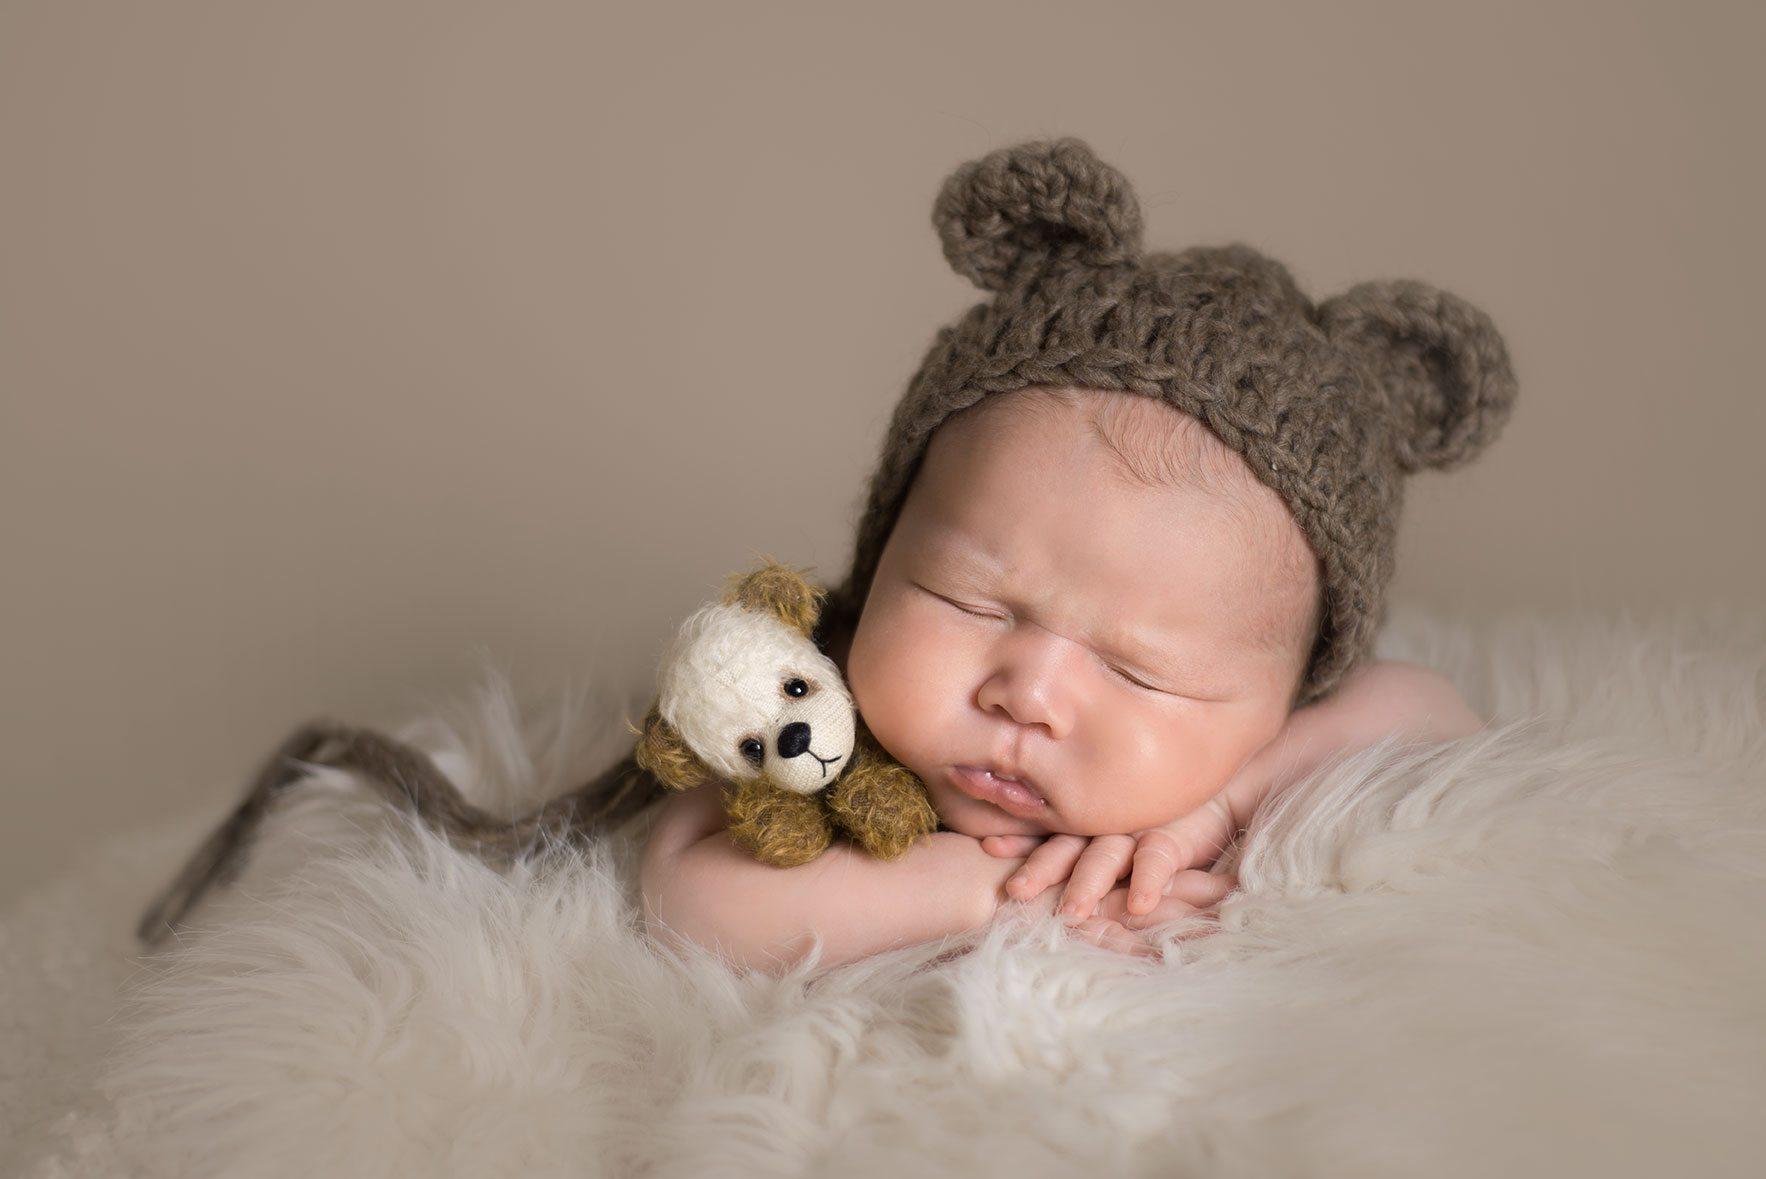 Essex newborn photographer - sweet baby boy cuddling a teddy bear.